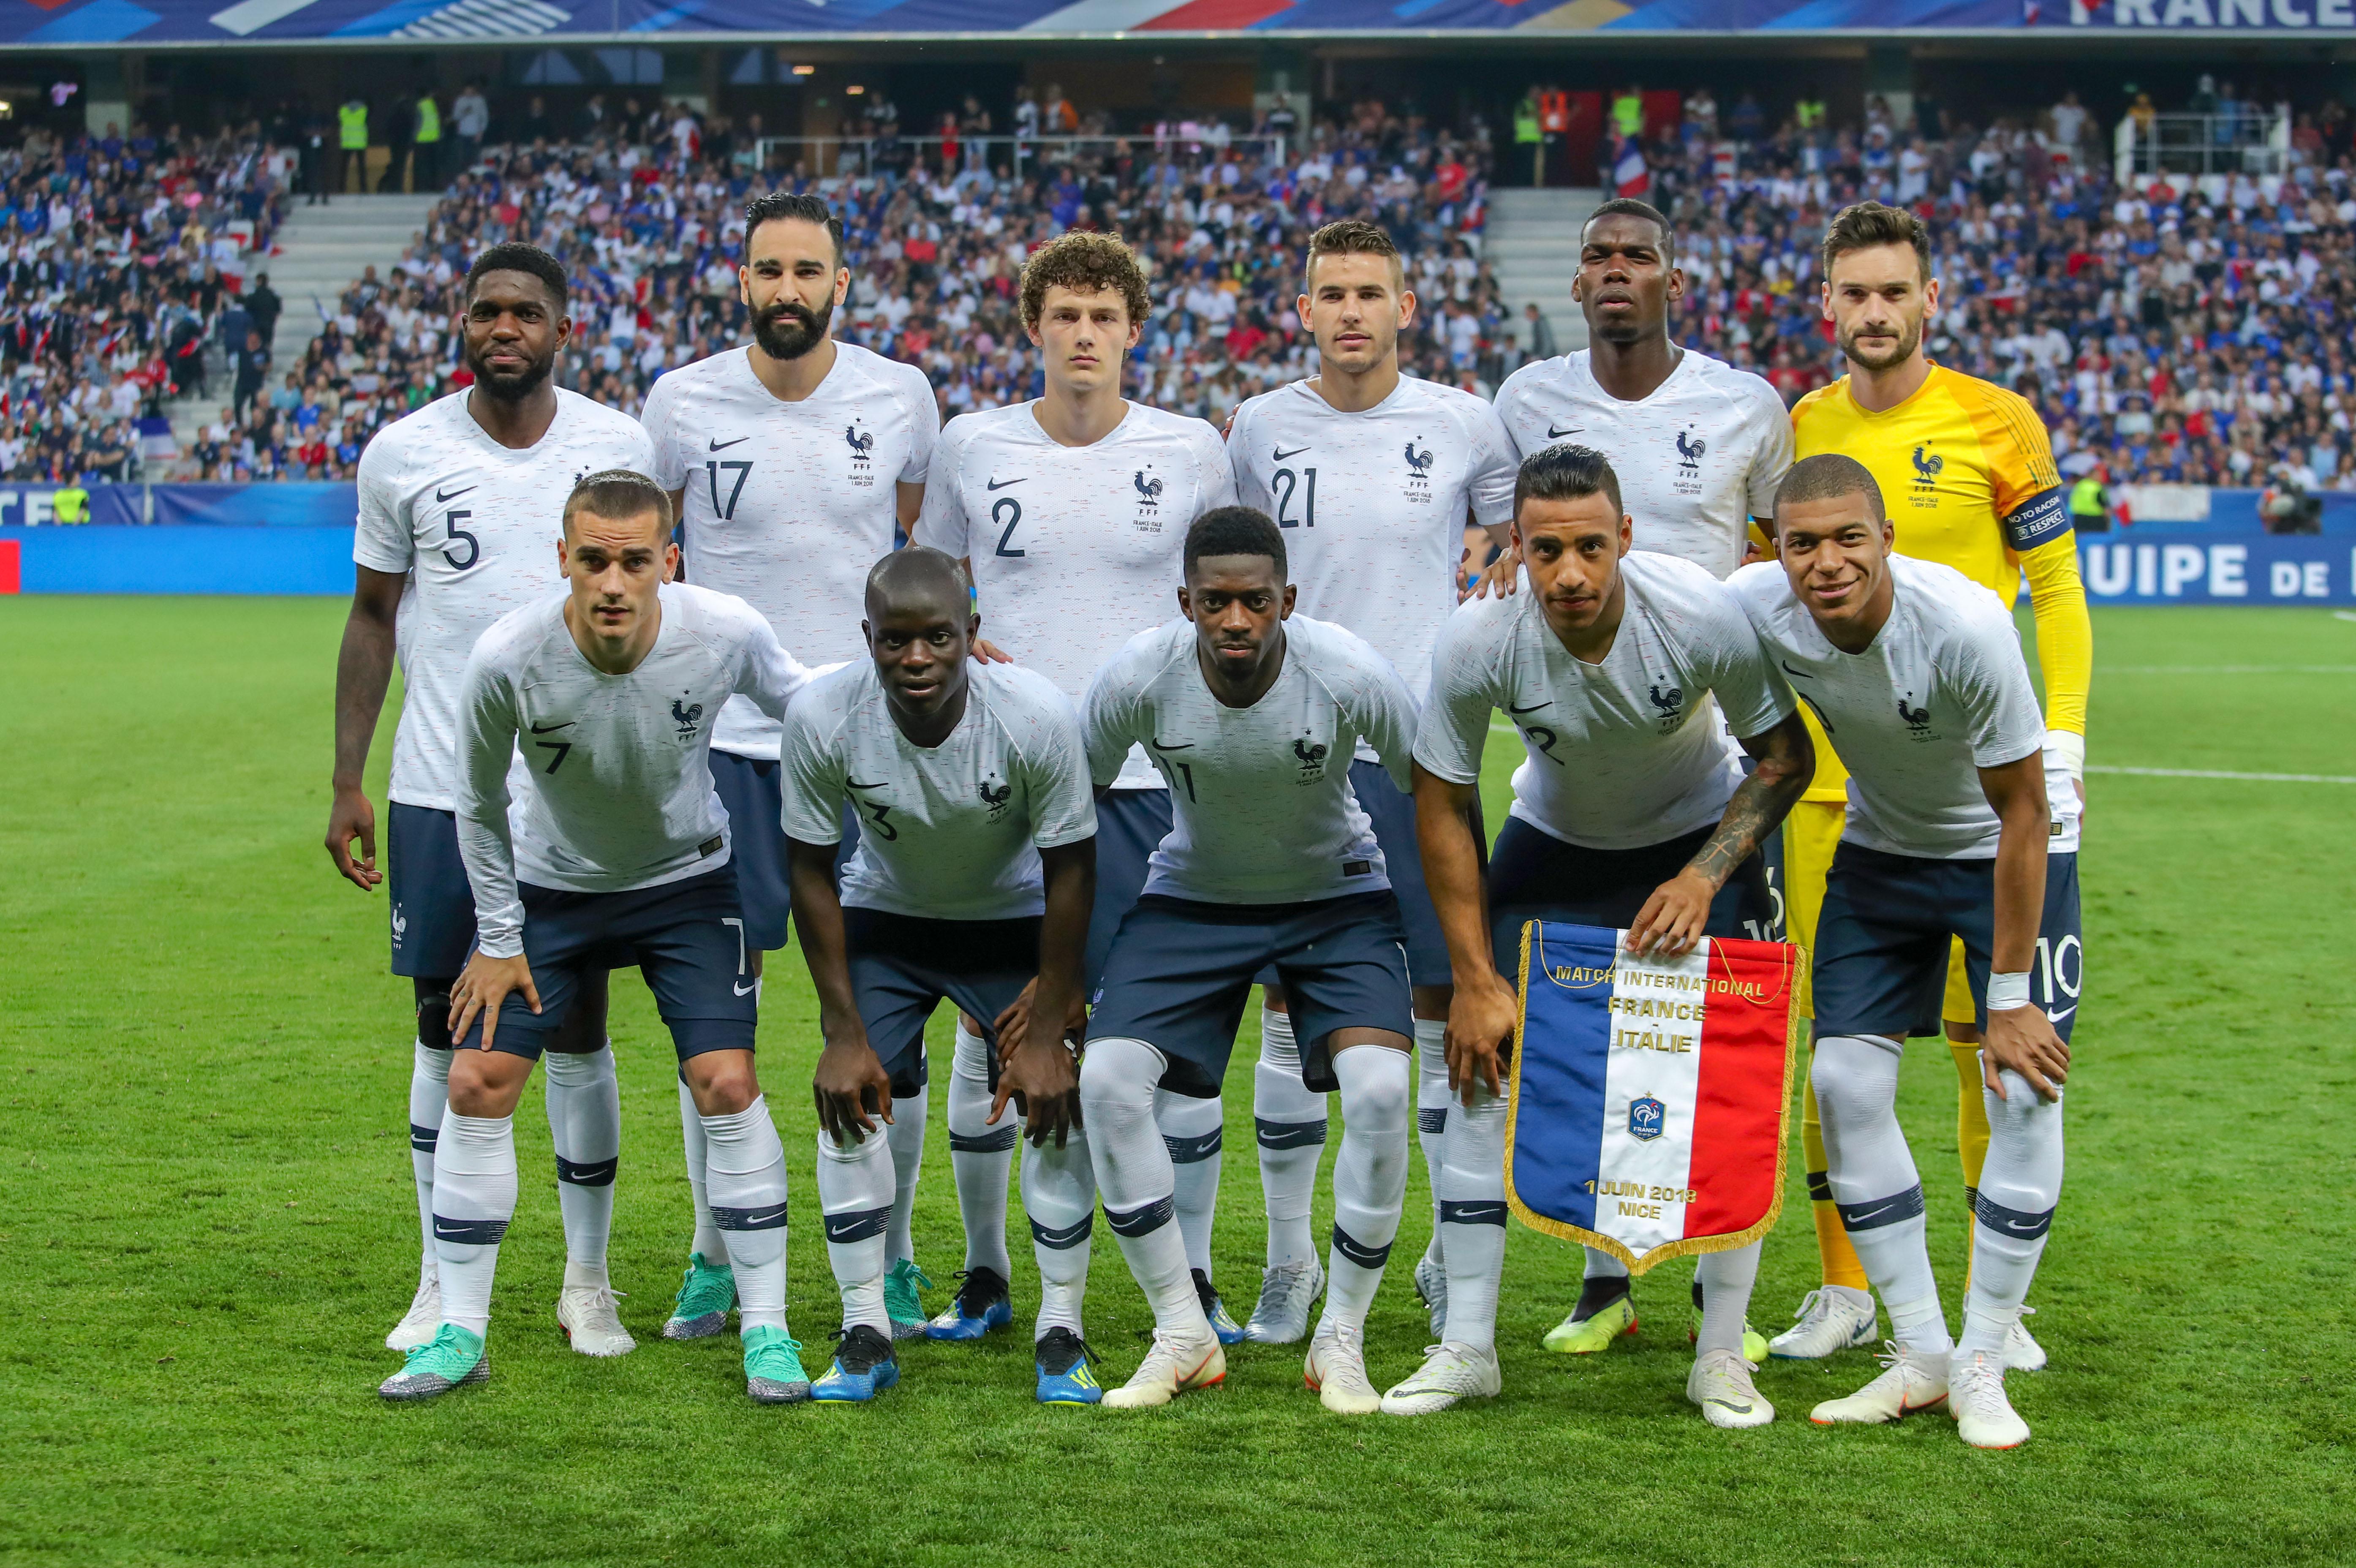 France australie un premier examen d j crucial pour la jeunesse bleue russie 2018 coupe - 1er coupe du monde de football ...